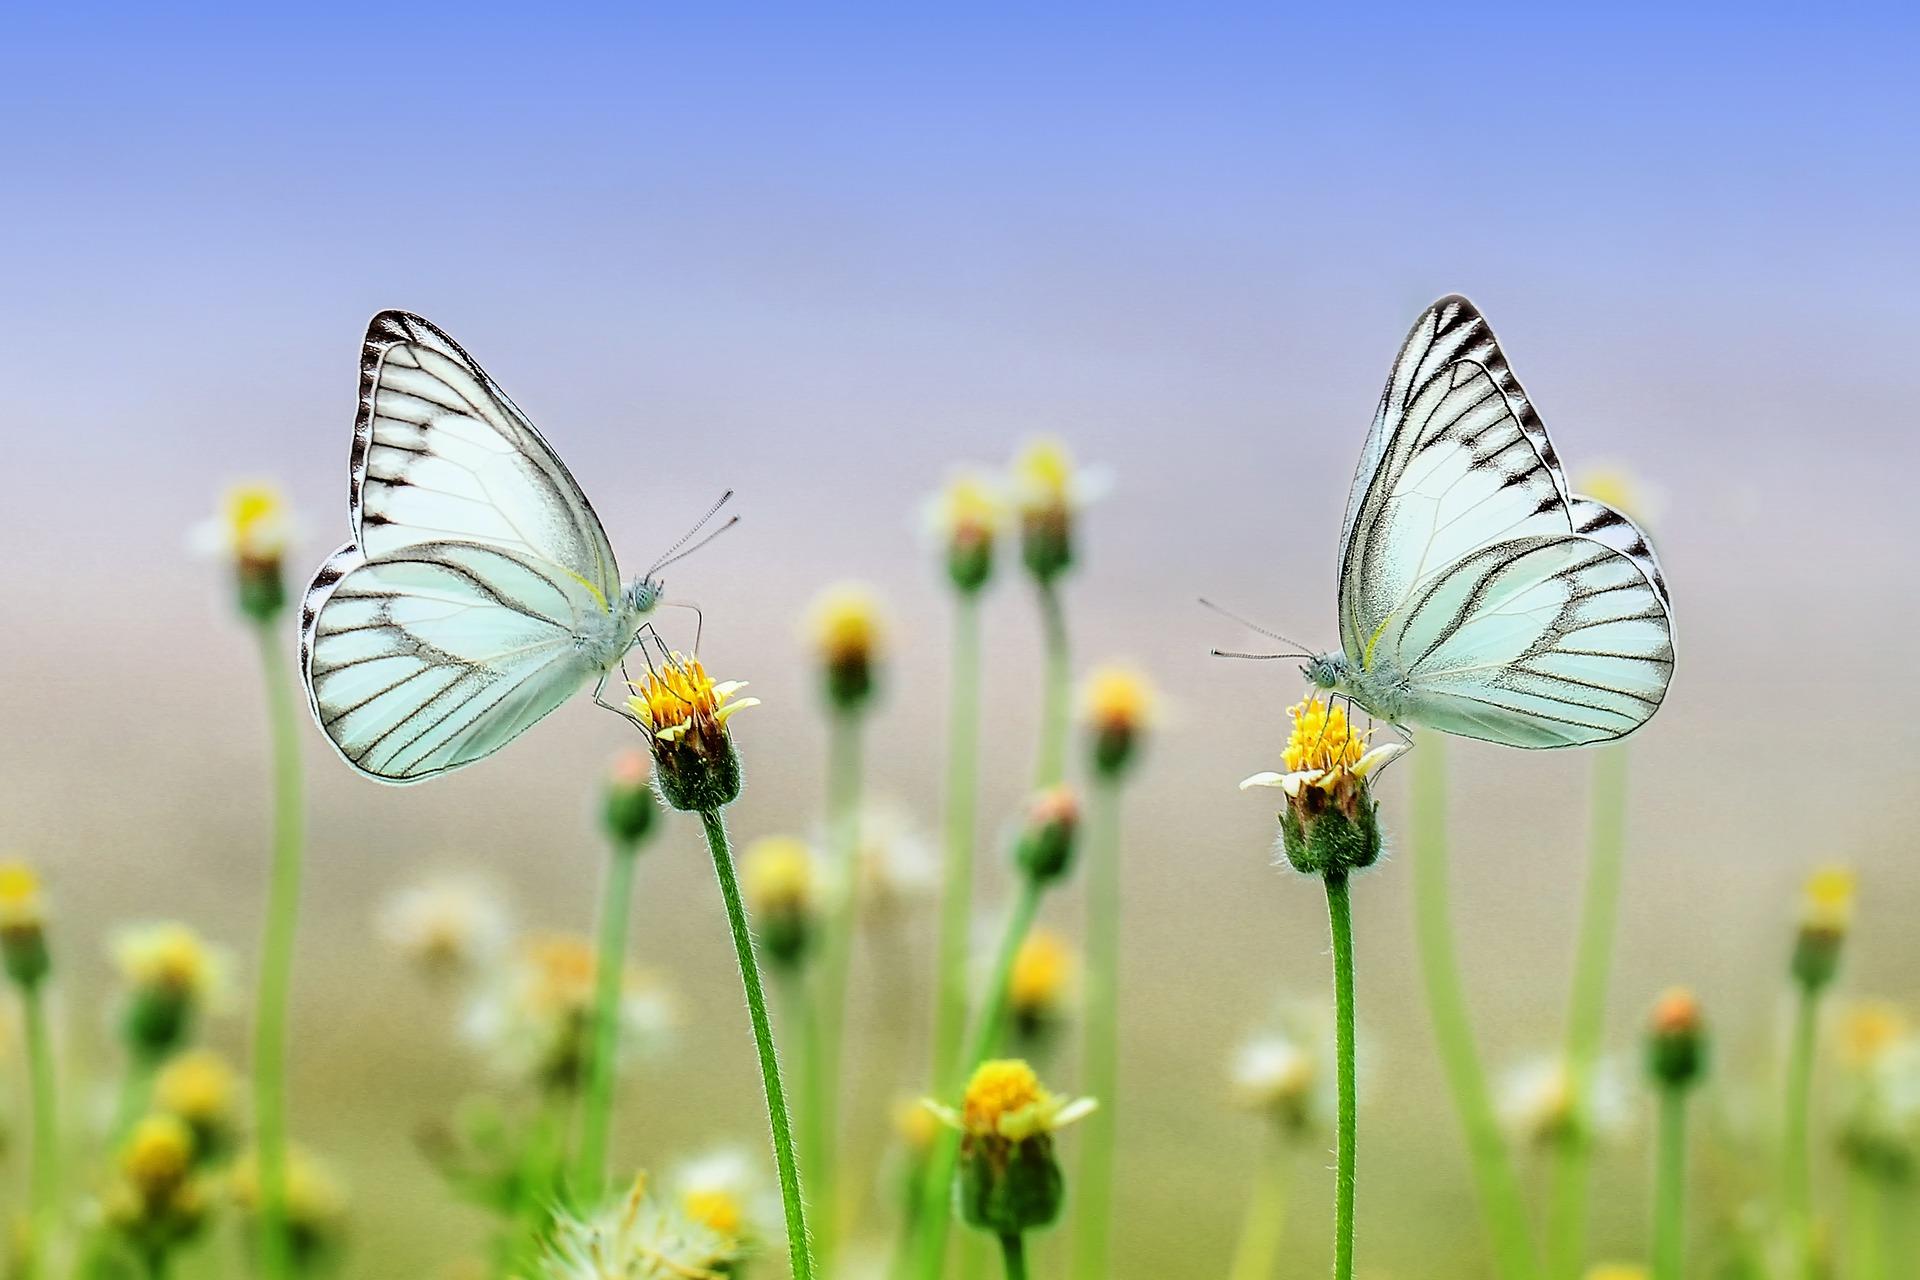 Le più belle frasi sulla bellezza della natura